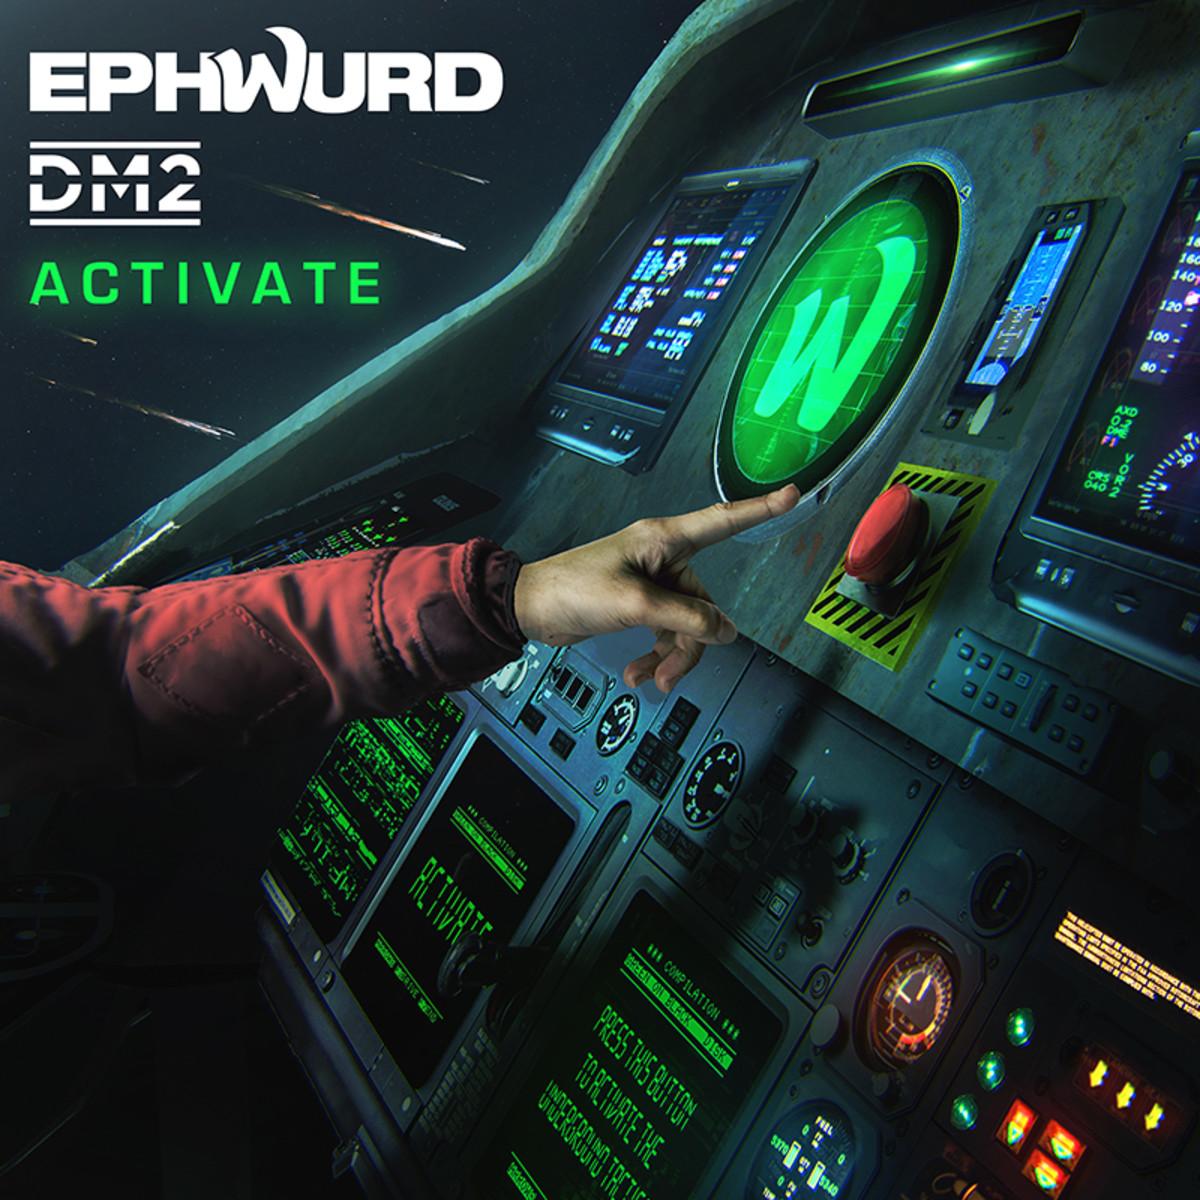 Ephwurd Activate Album Artwork